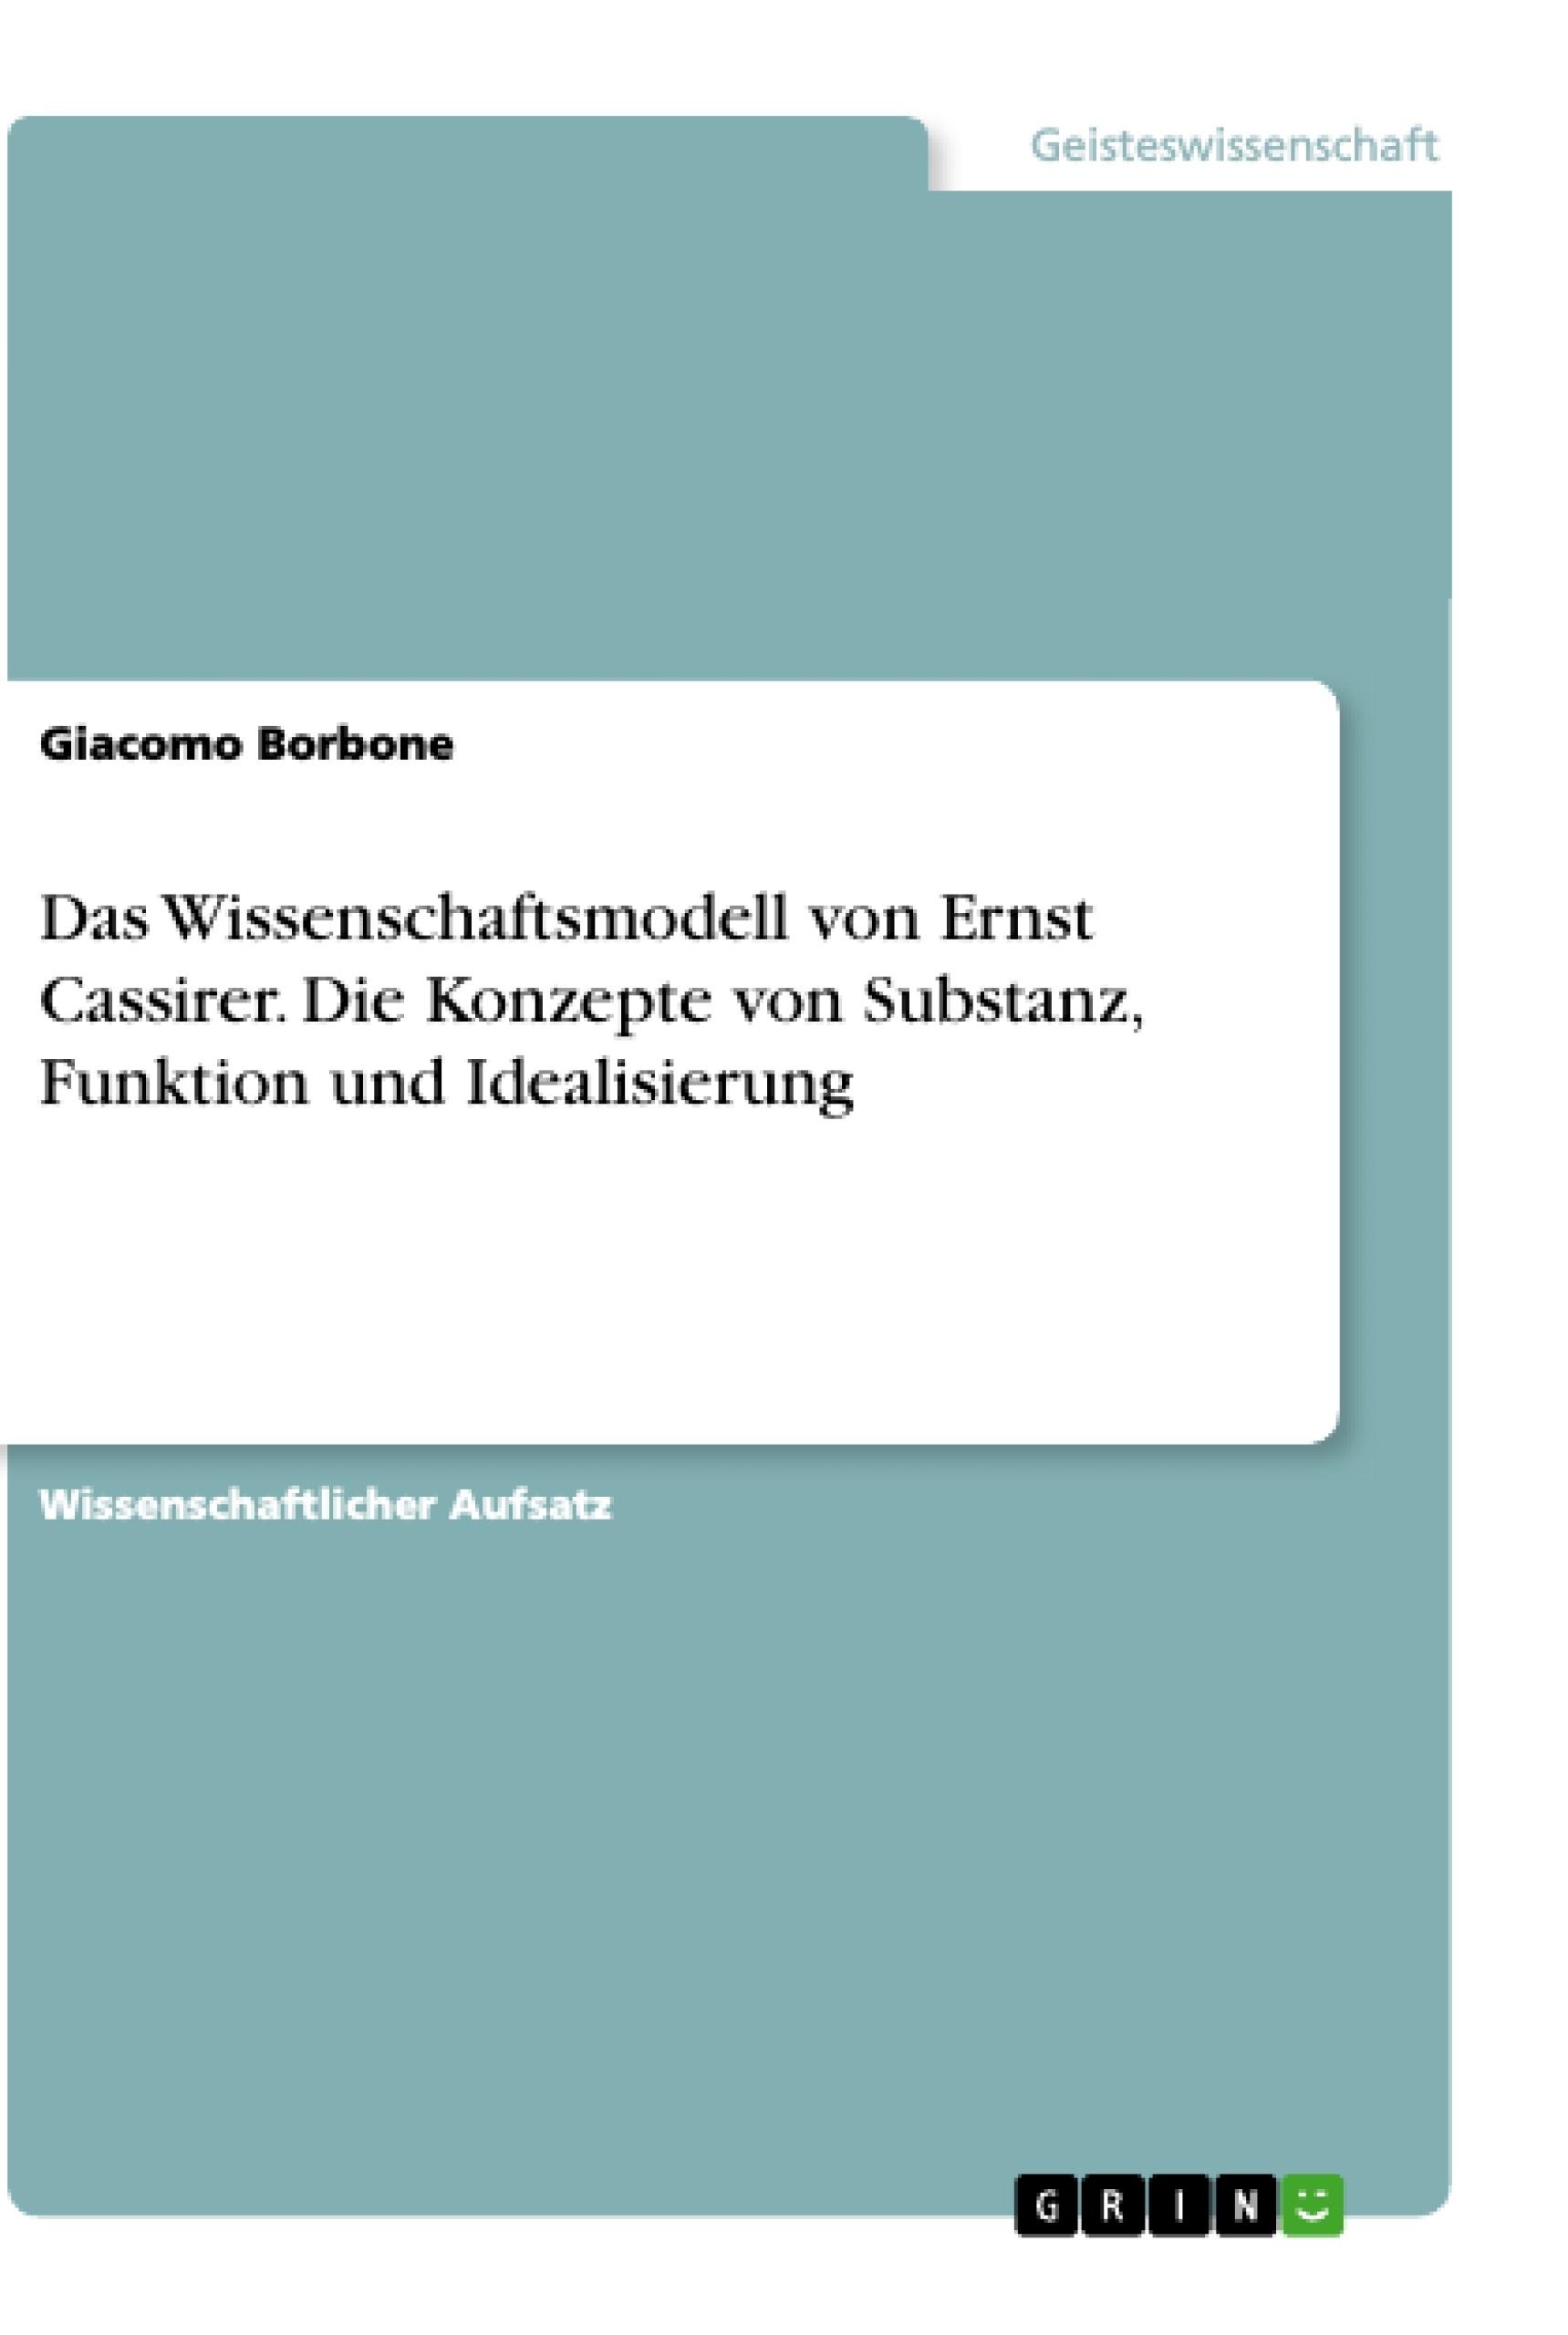 Titel: Das Wissenschaftsmodell von Ernst Cassirer. Die Konzepte von Substanz, Funktion und Idealisierung